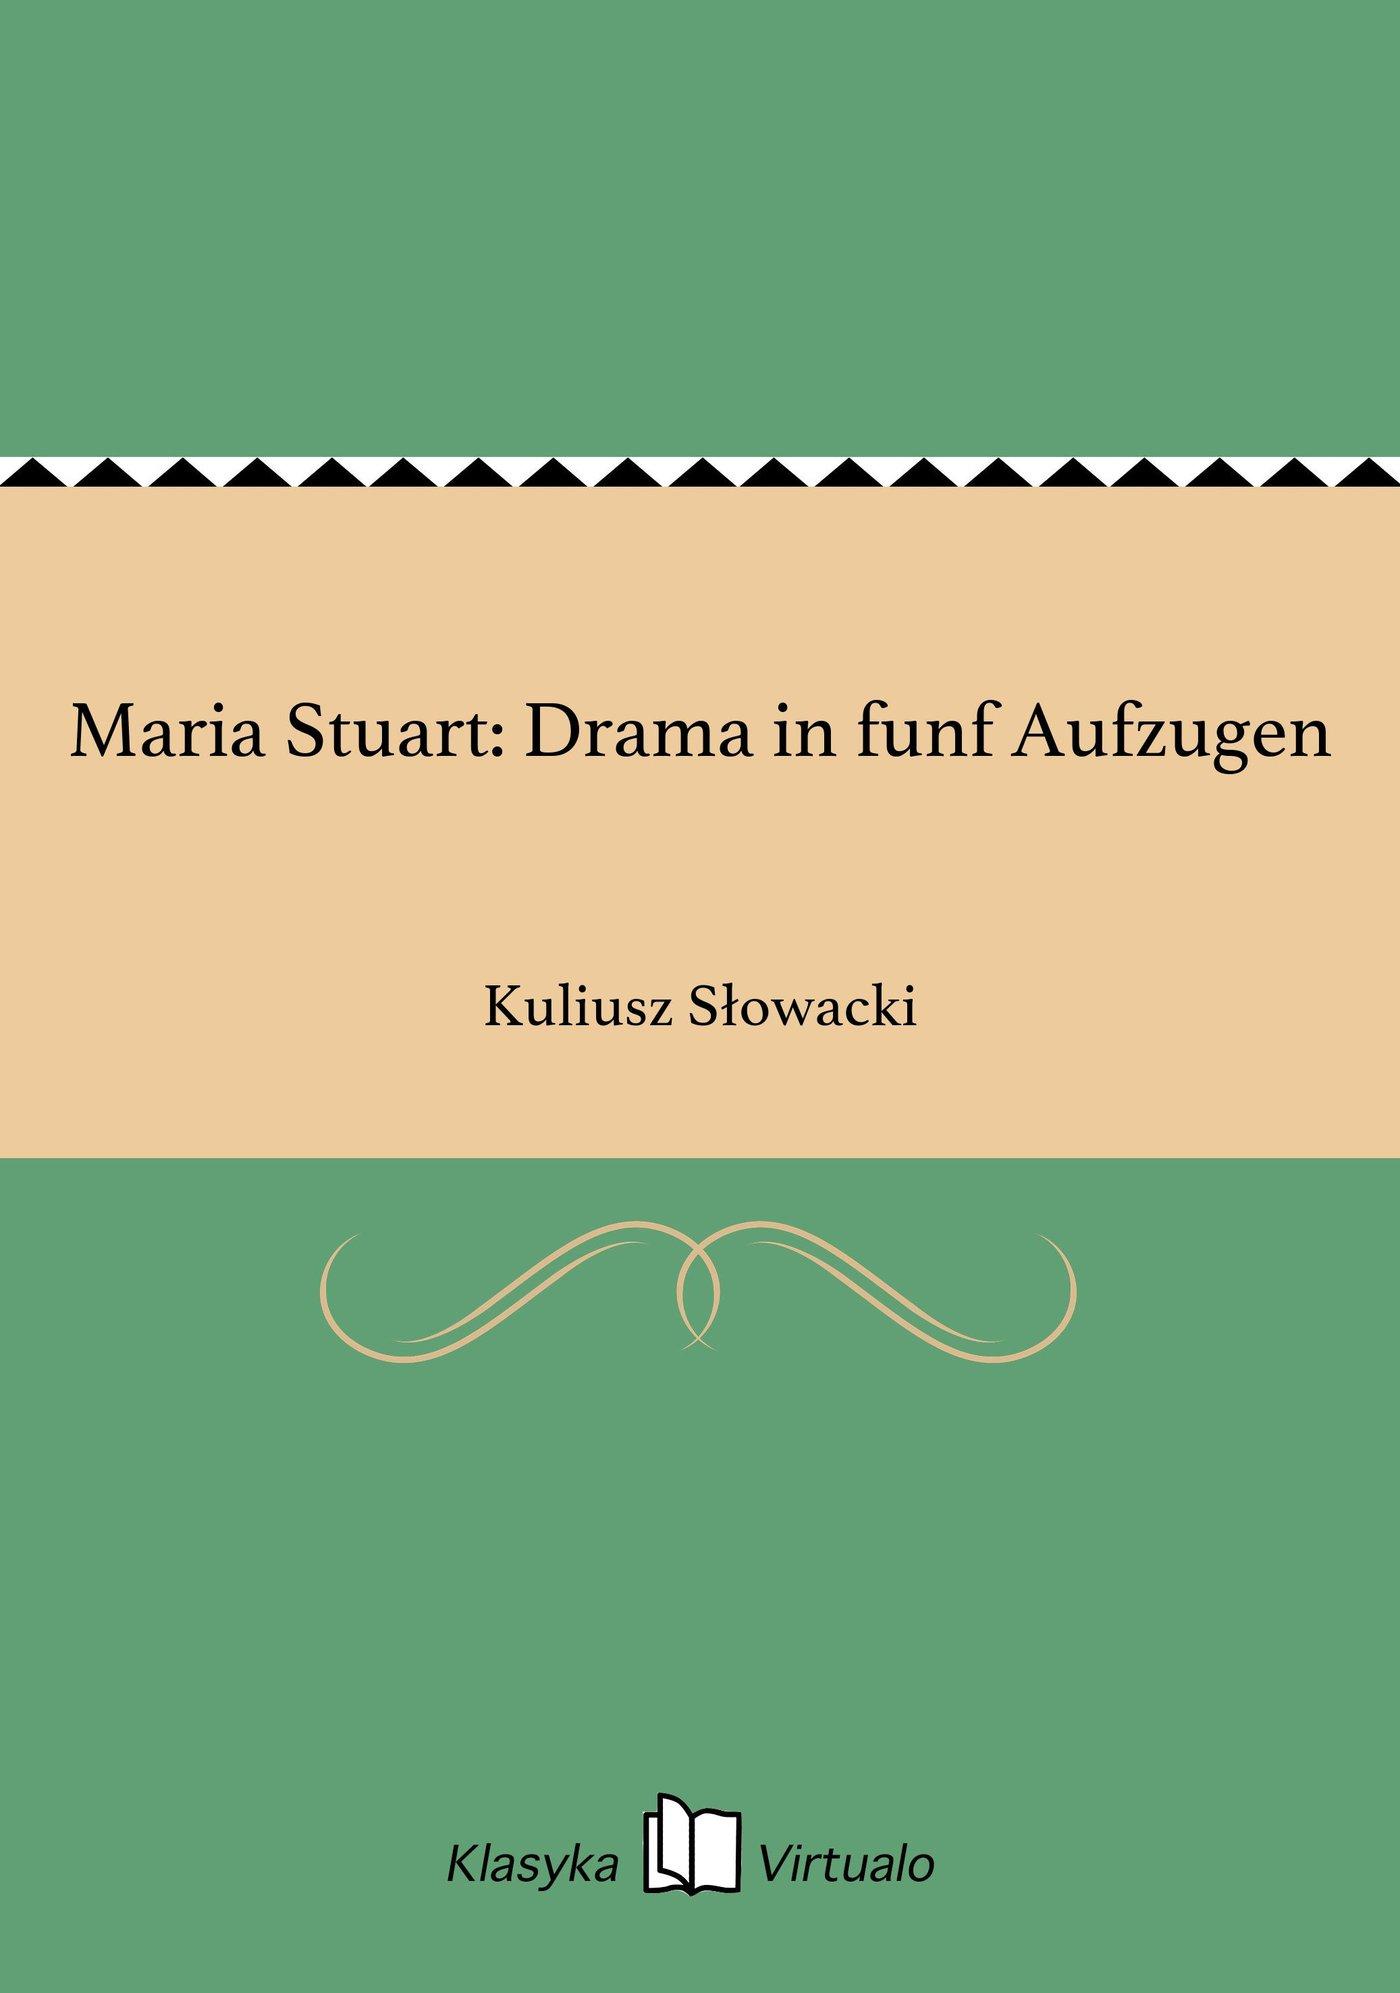 Maria Stuart: Drama in funf Aufzugen - Ebook (Książka EPUB) do pobrania w formacie EPUB